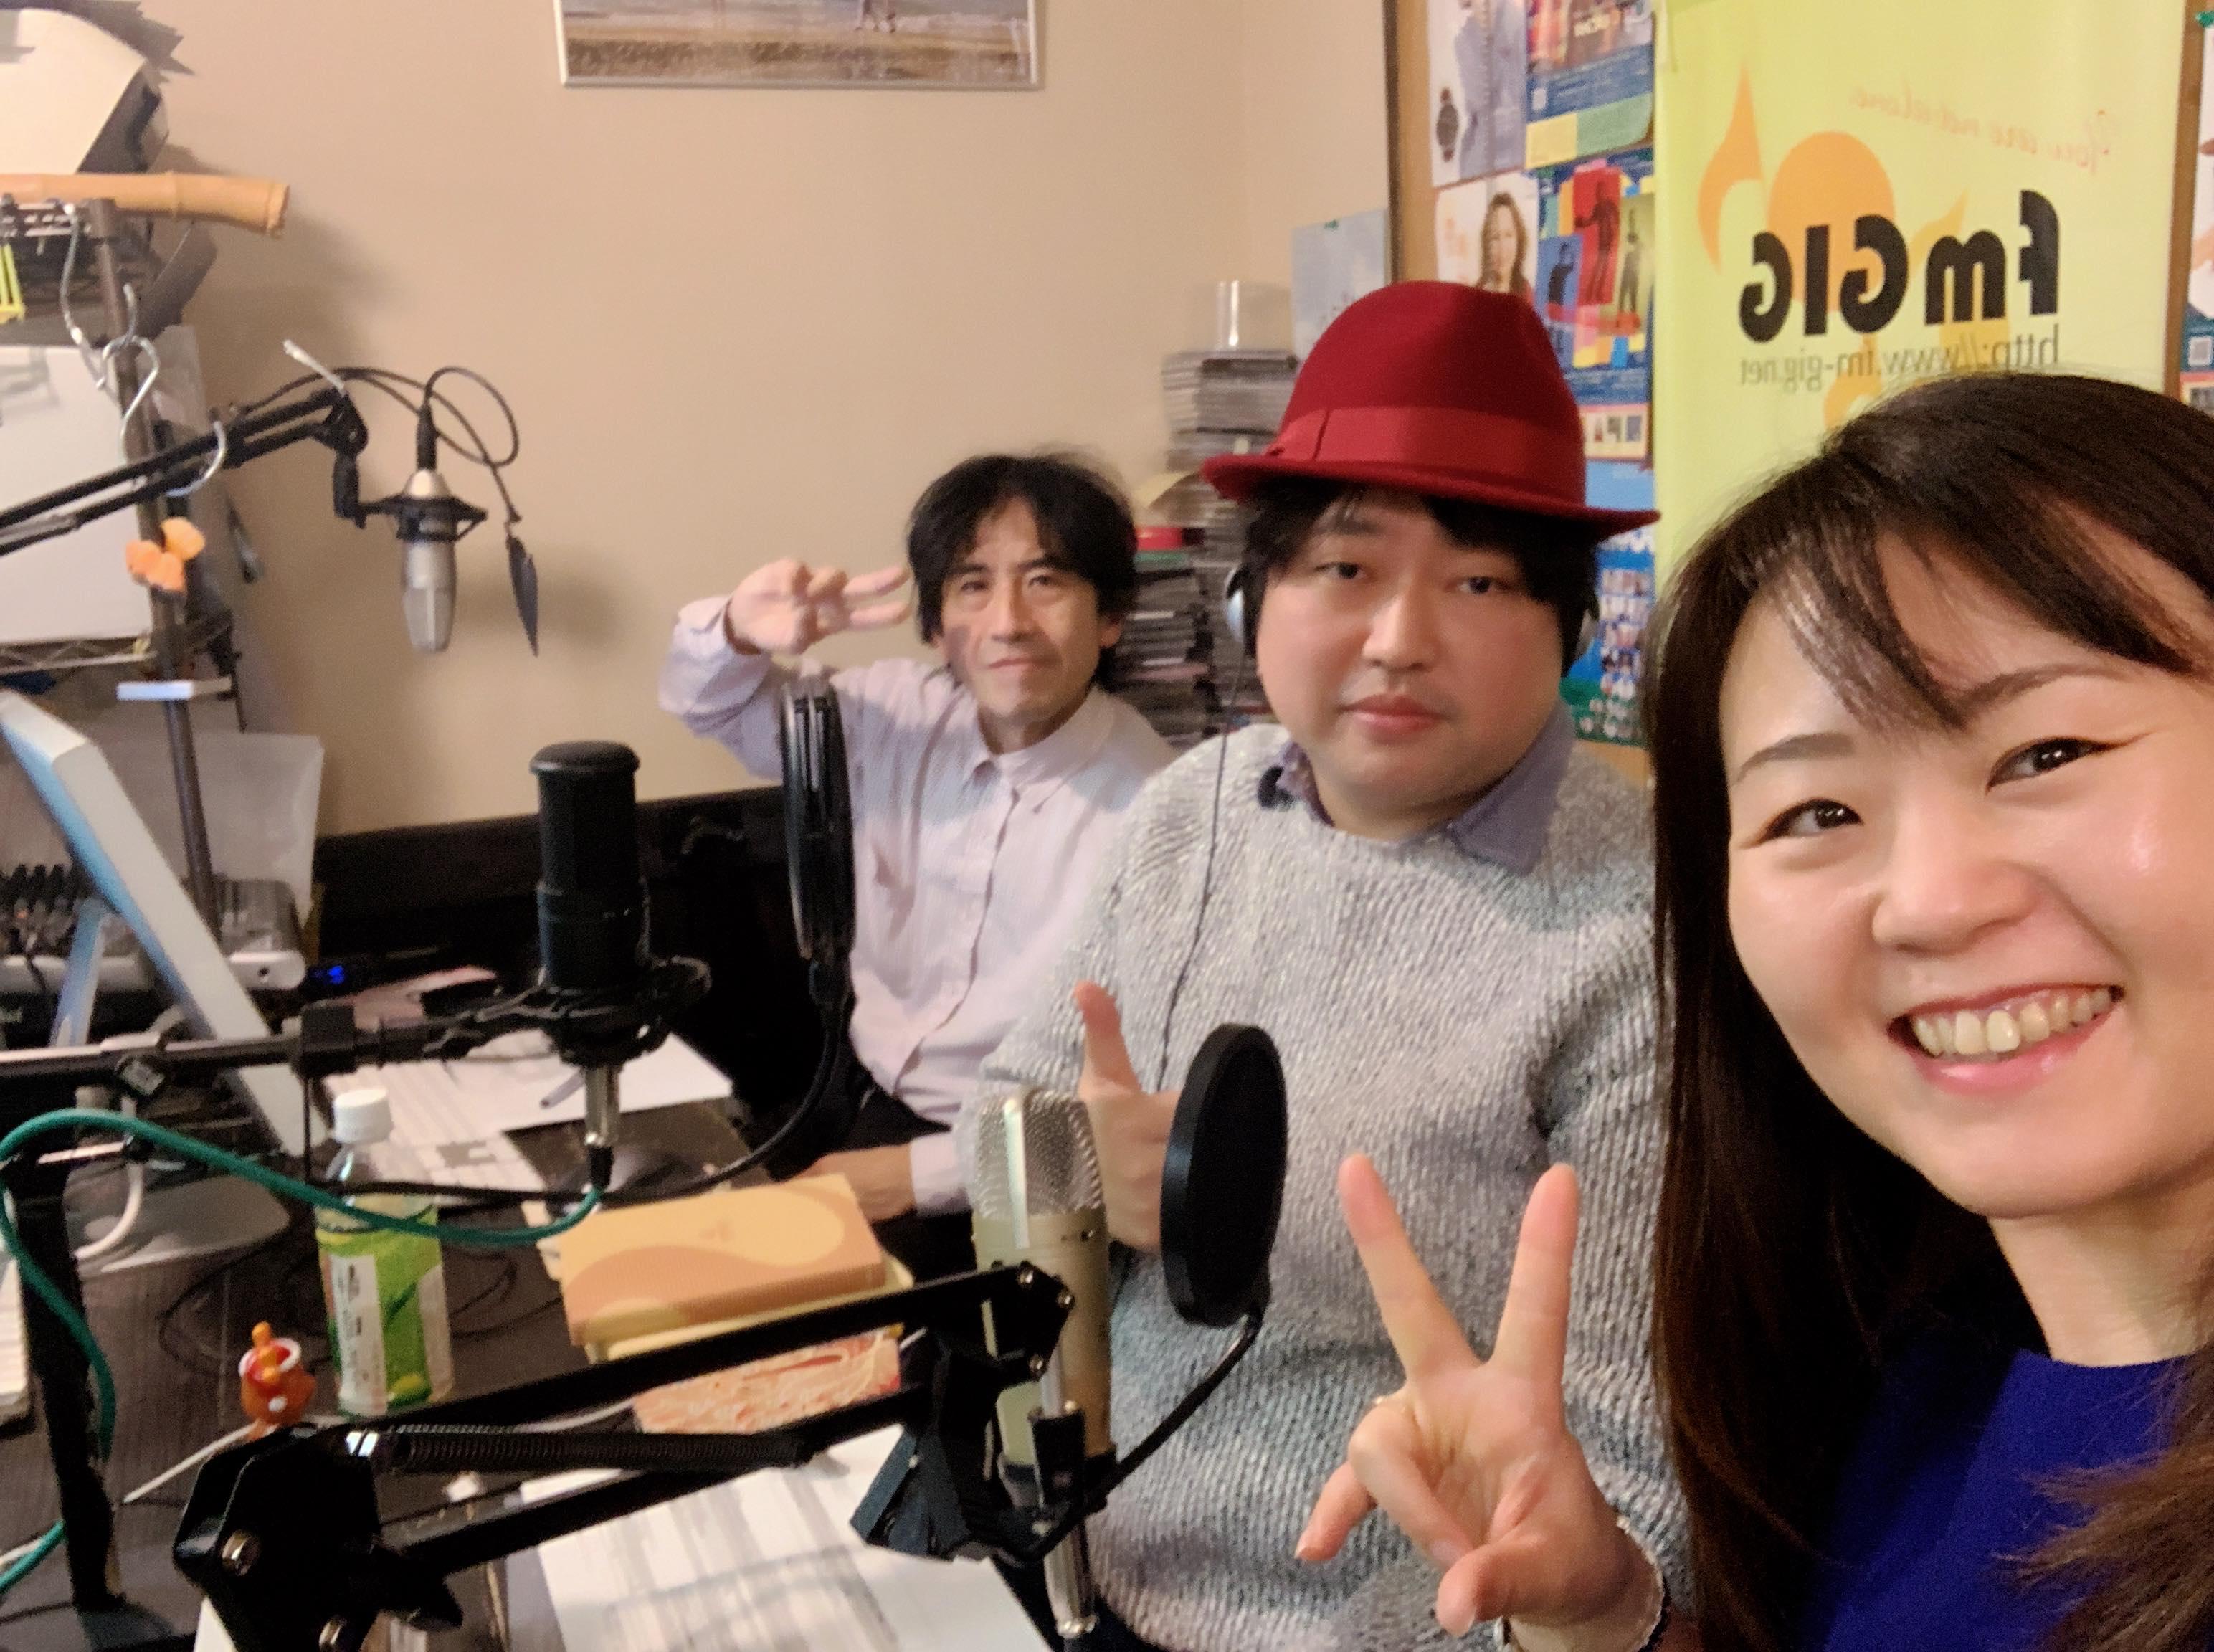 いよいよ本日スタート!テレビ埼玉の教養番組「あすバナ」